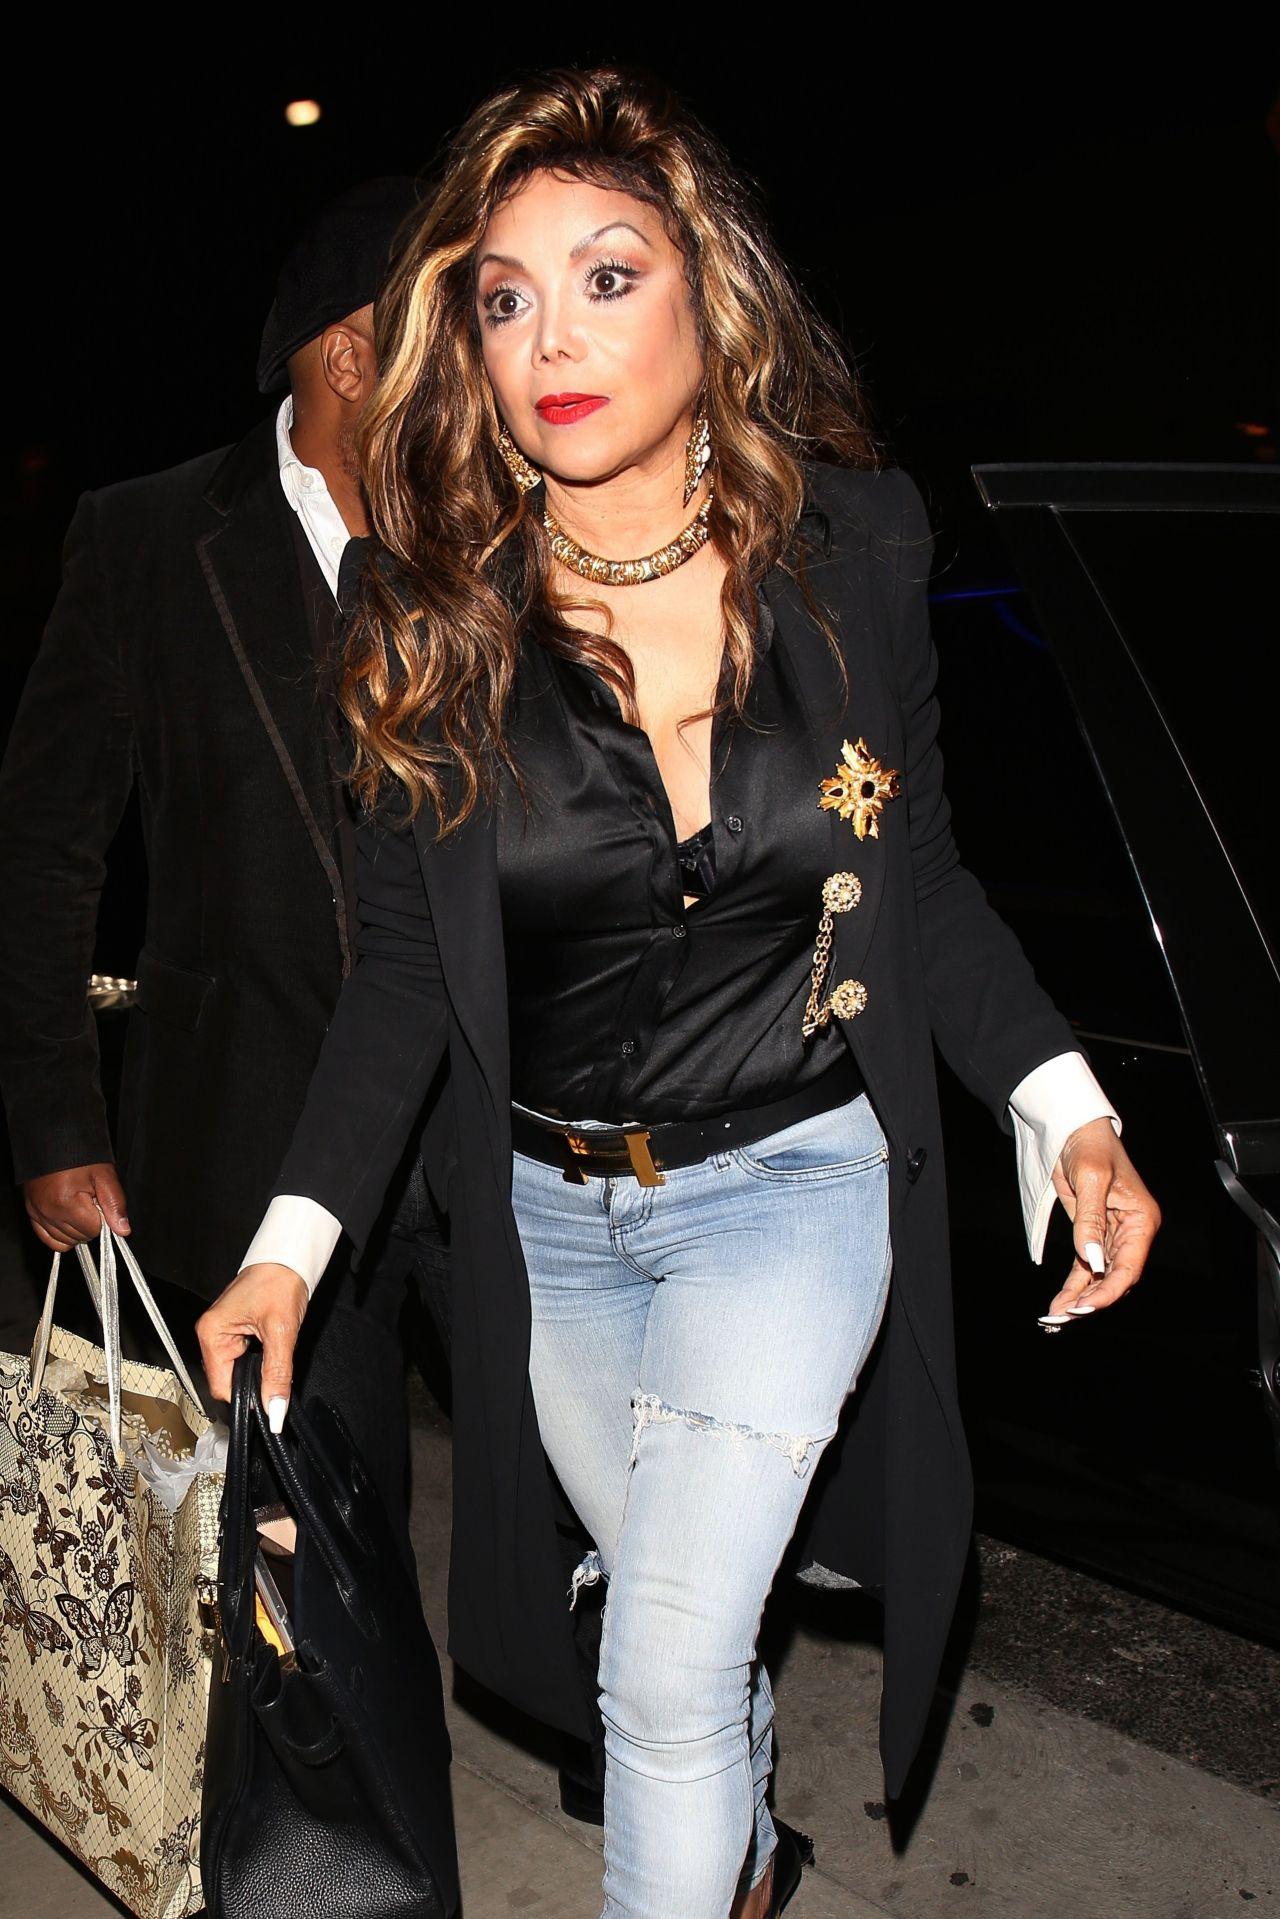 Latoya Jackson Arrives At Tao In Hollywood 06 09 2017